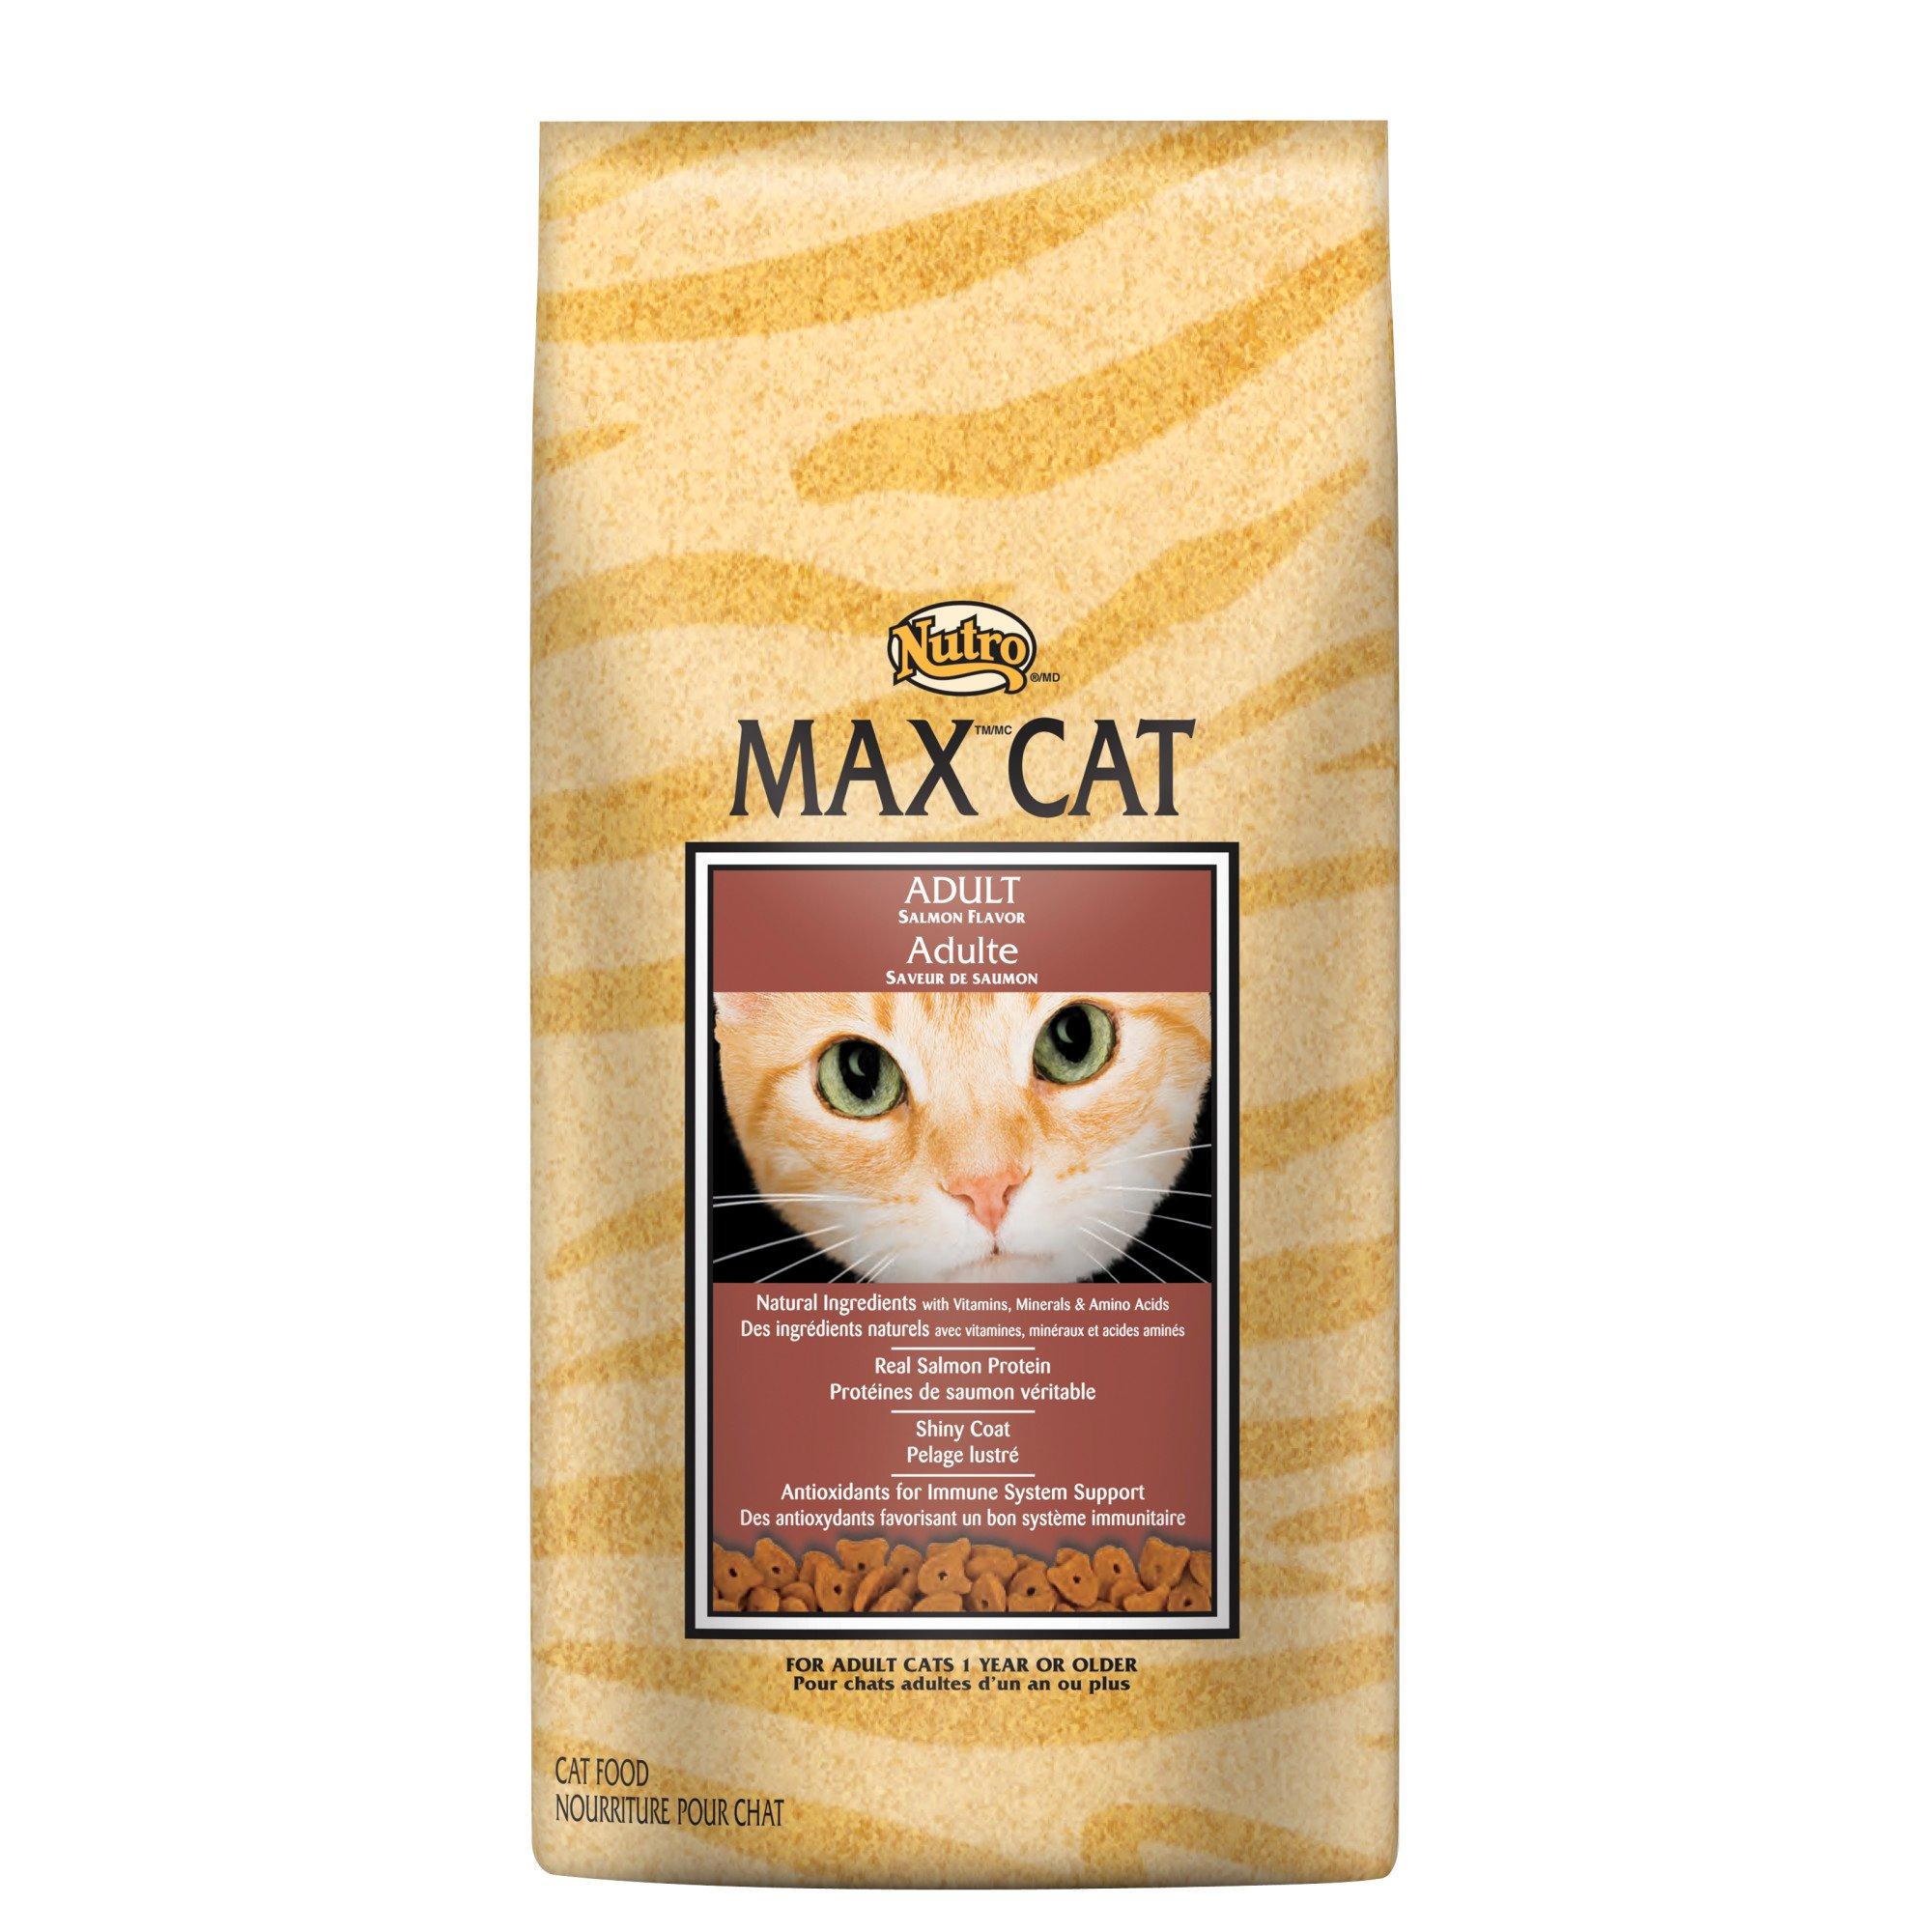 Nutro MAX CAT Adult Cat Food - Salmon Flavor